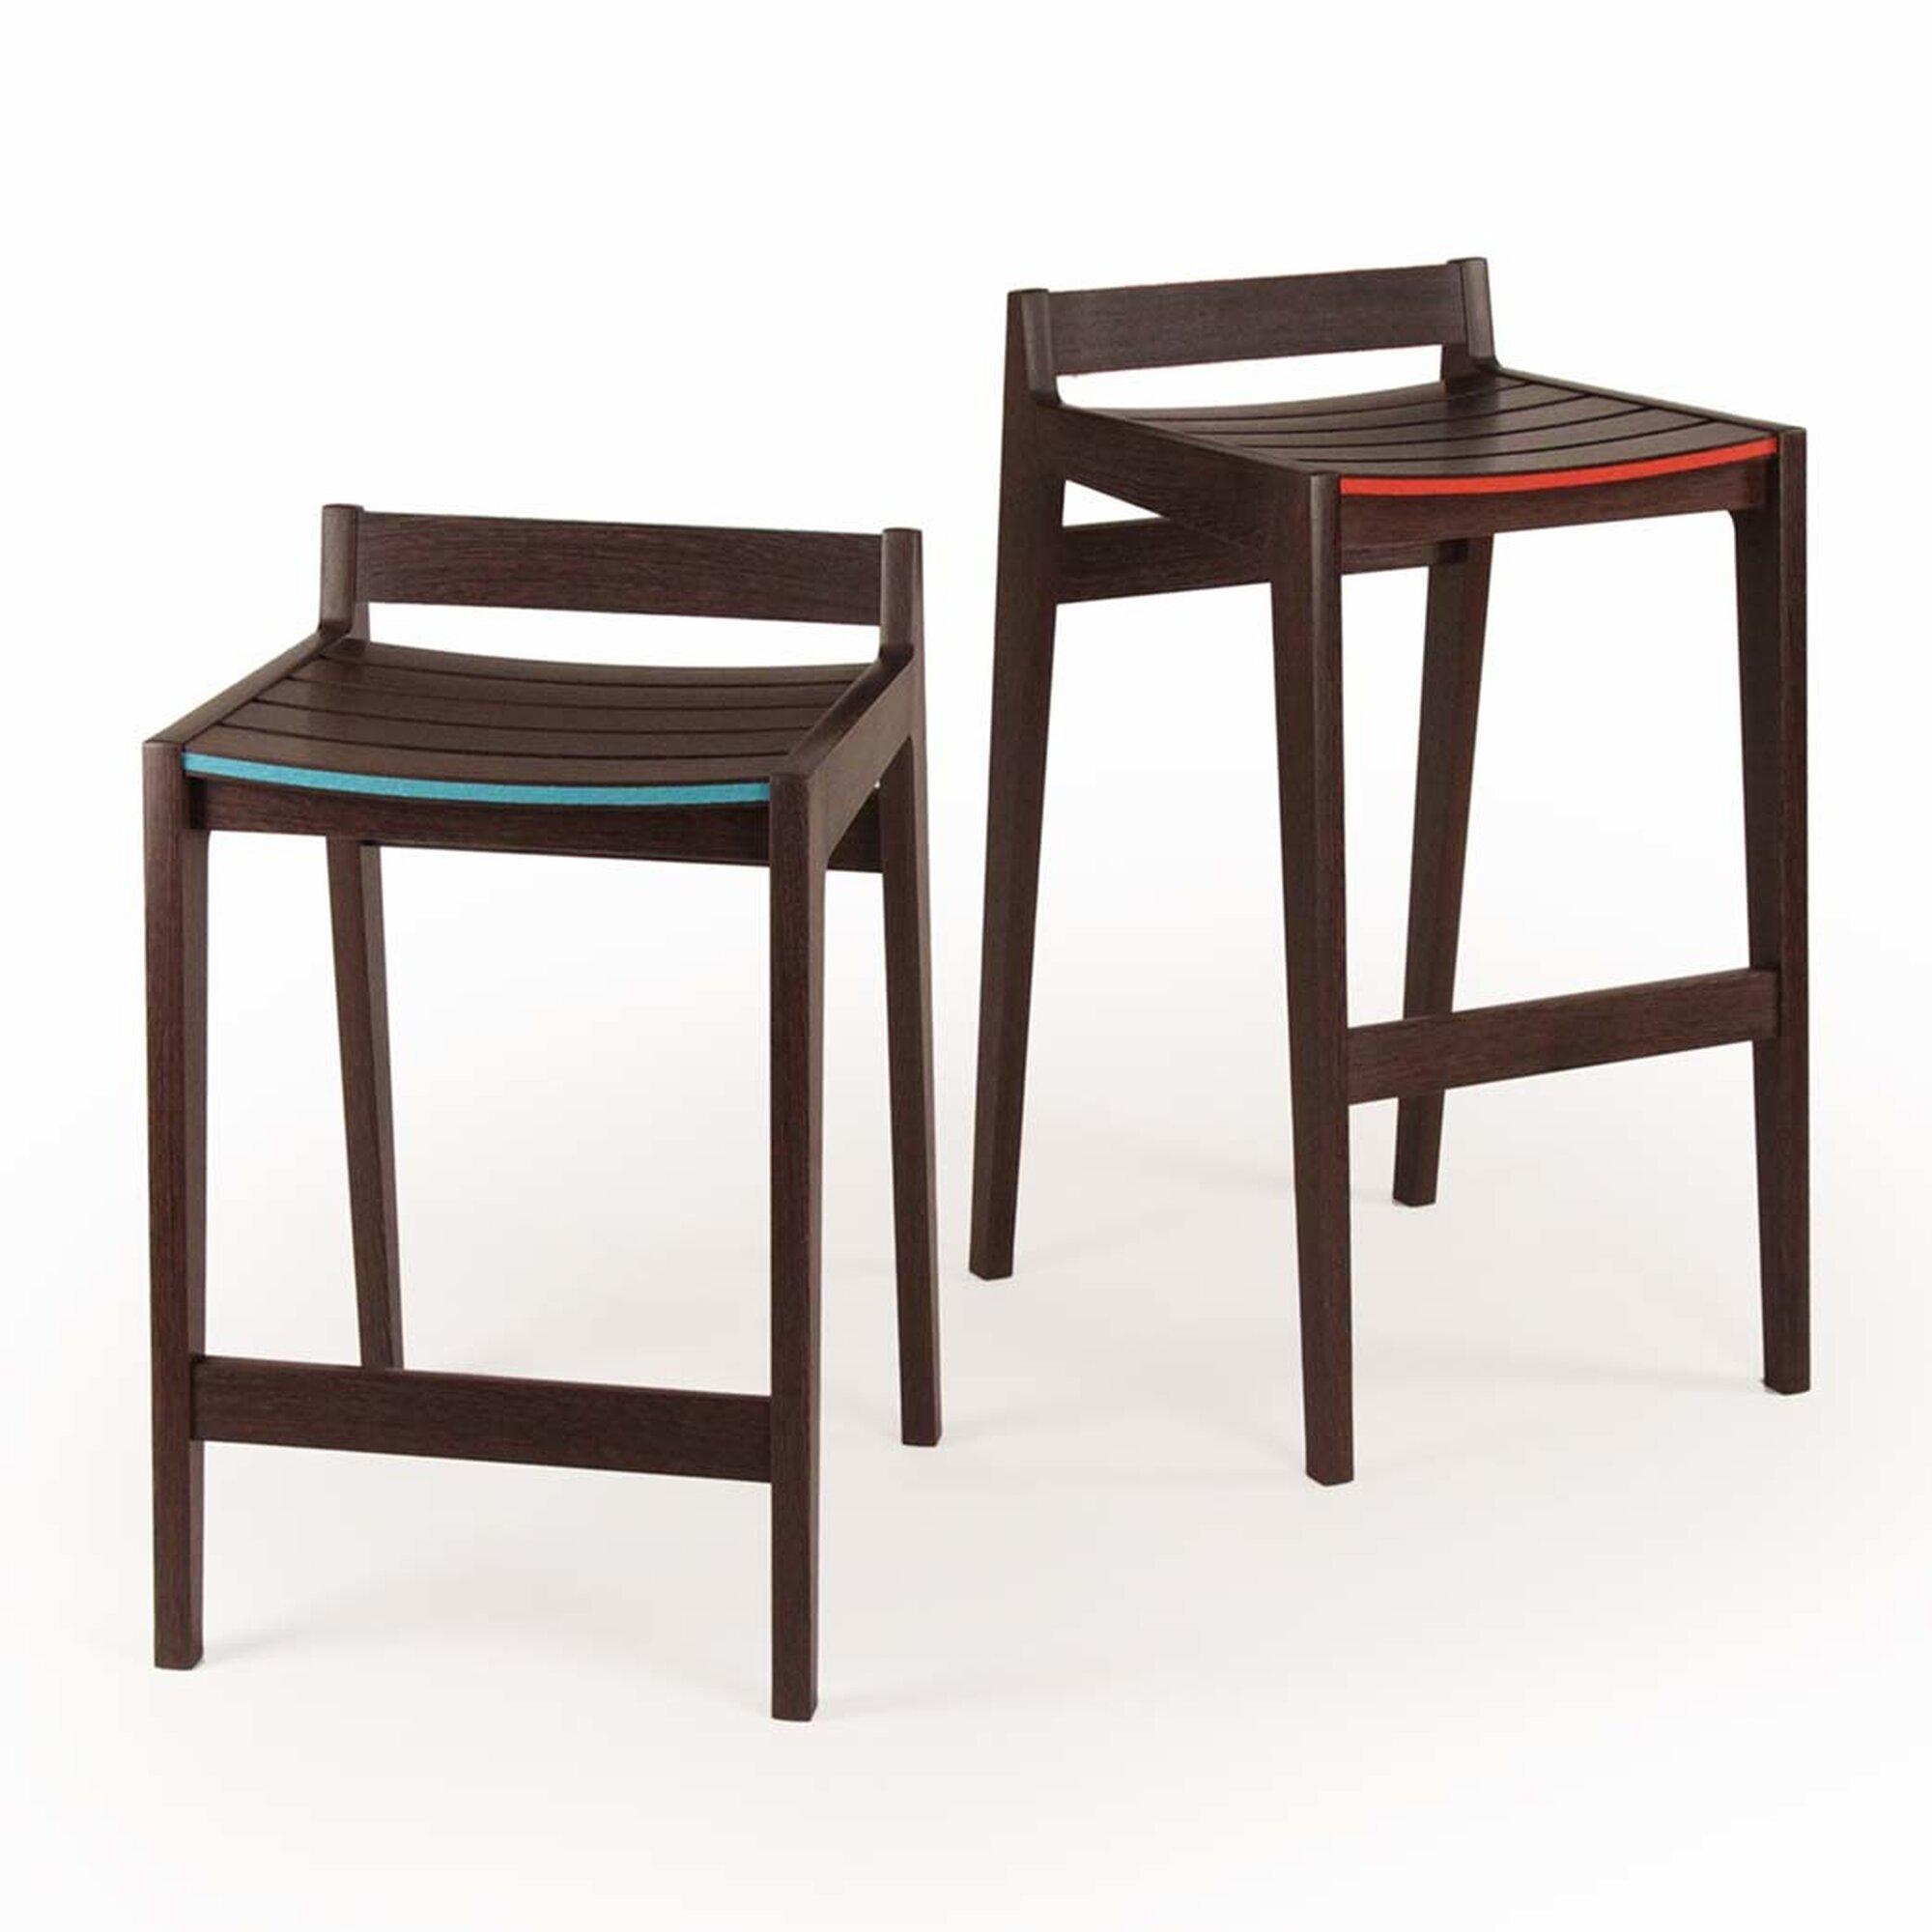 Beføle stools